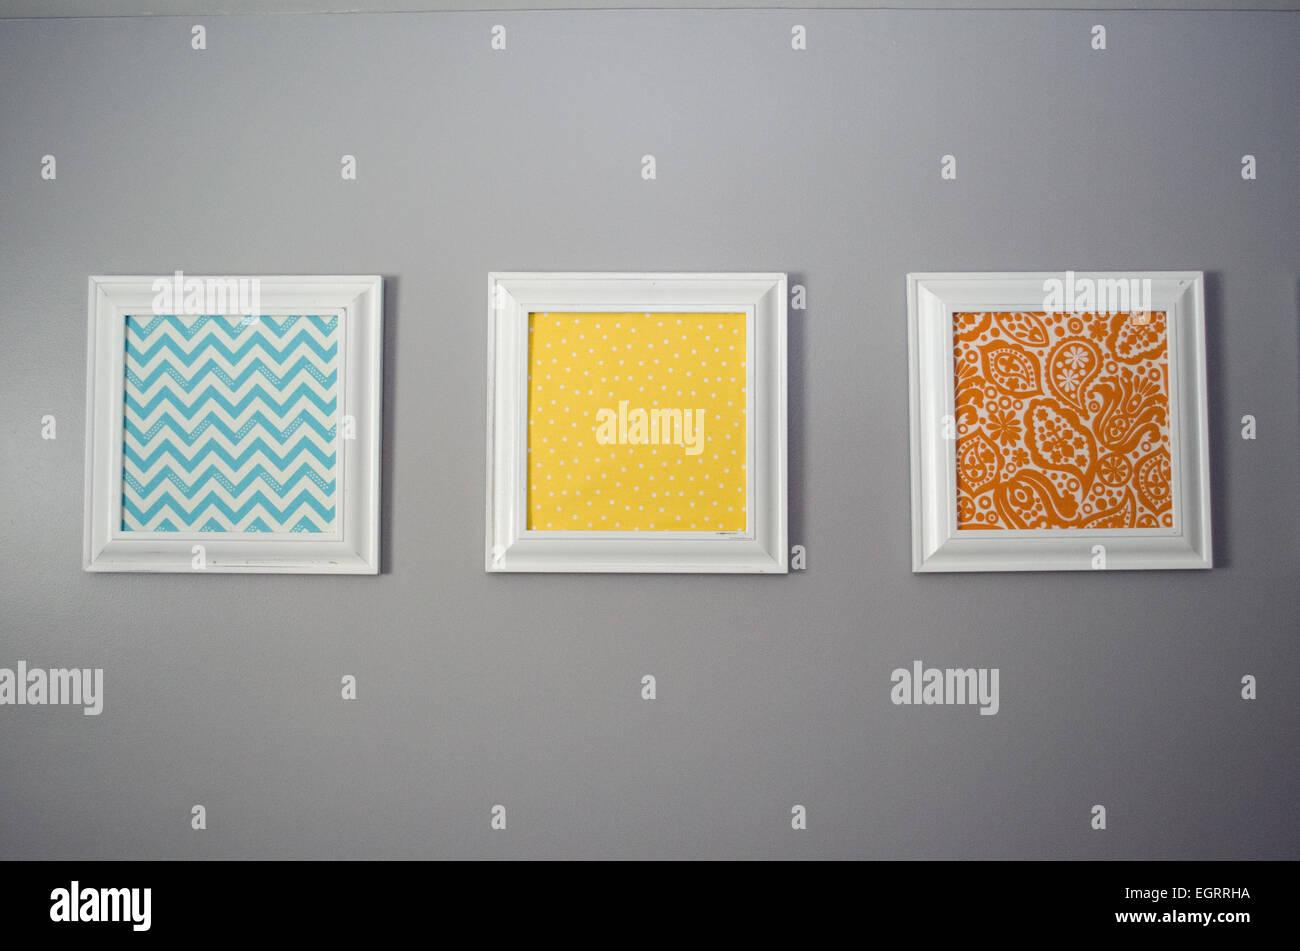 Drucken druckt Wand Bild hängen hängt hing gerahmt Rahmen Tuch Zick ...